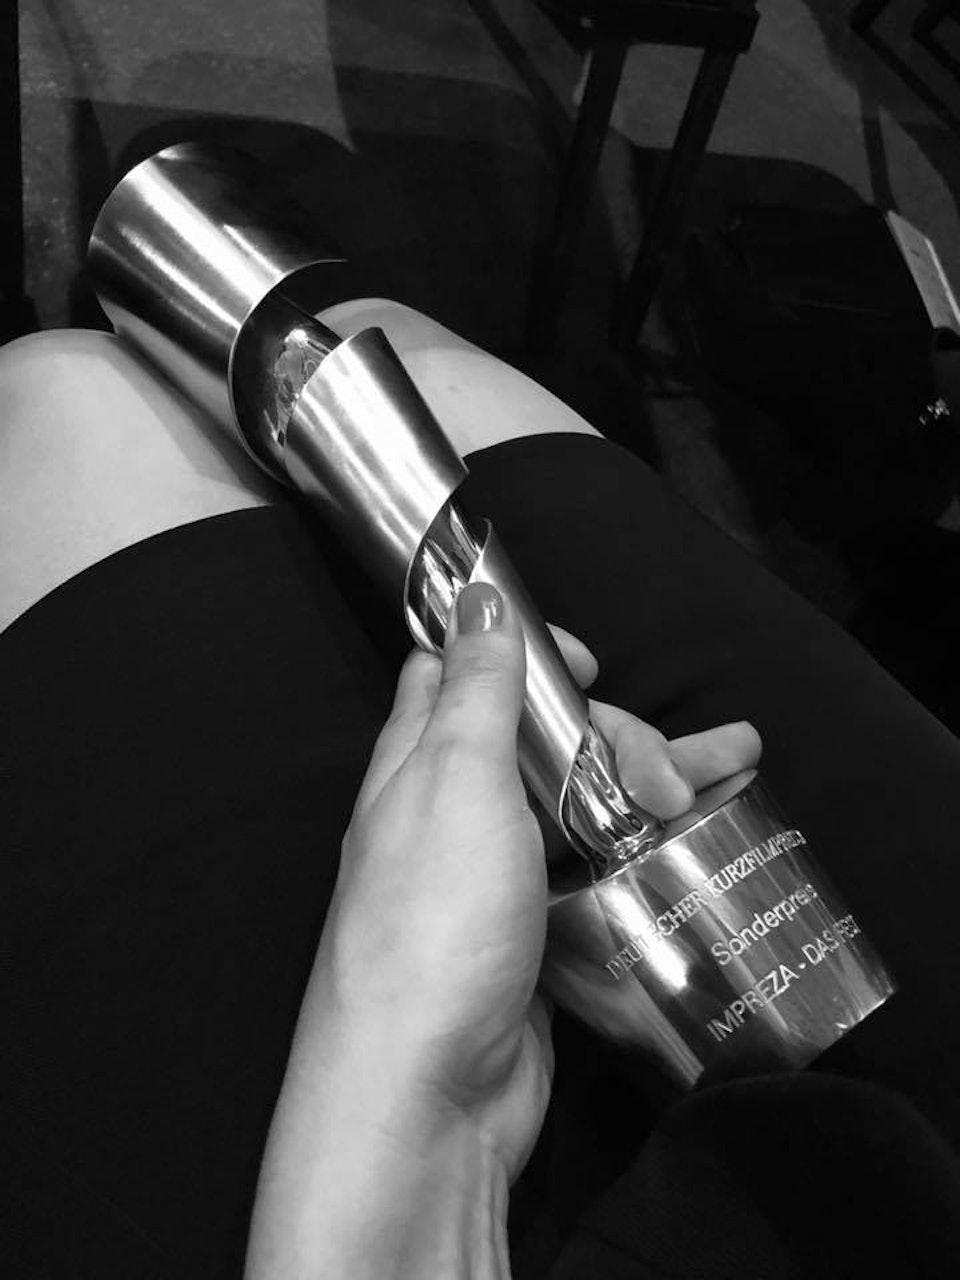 Deutscher Kurzfilmpreis für Impreza - Das Fest!